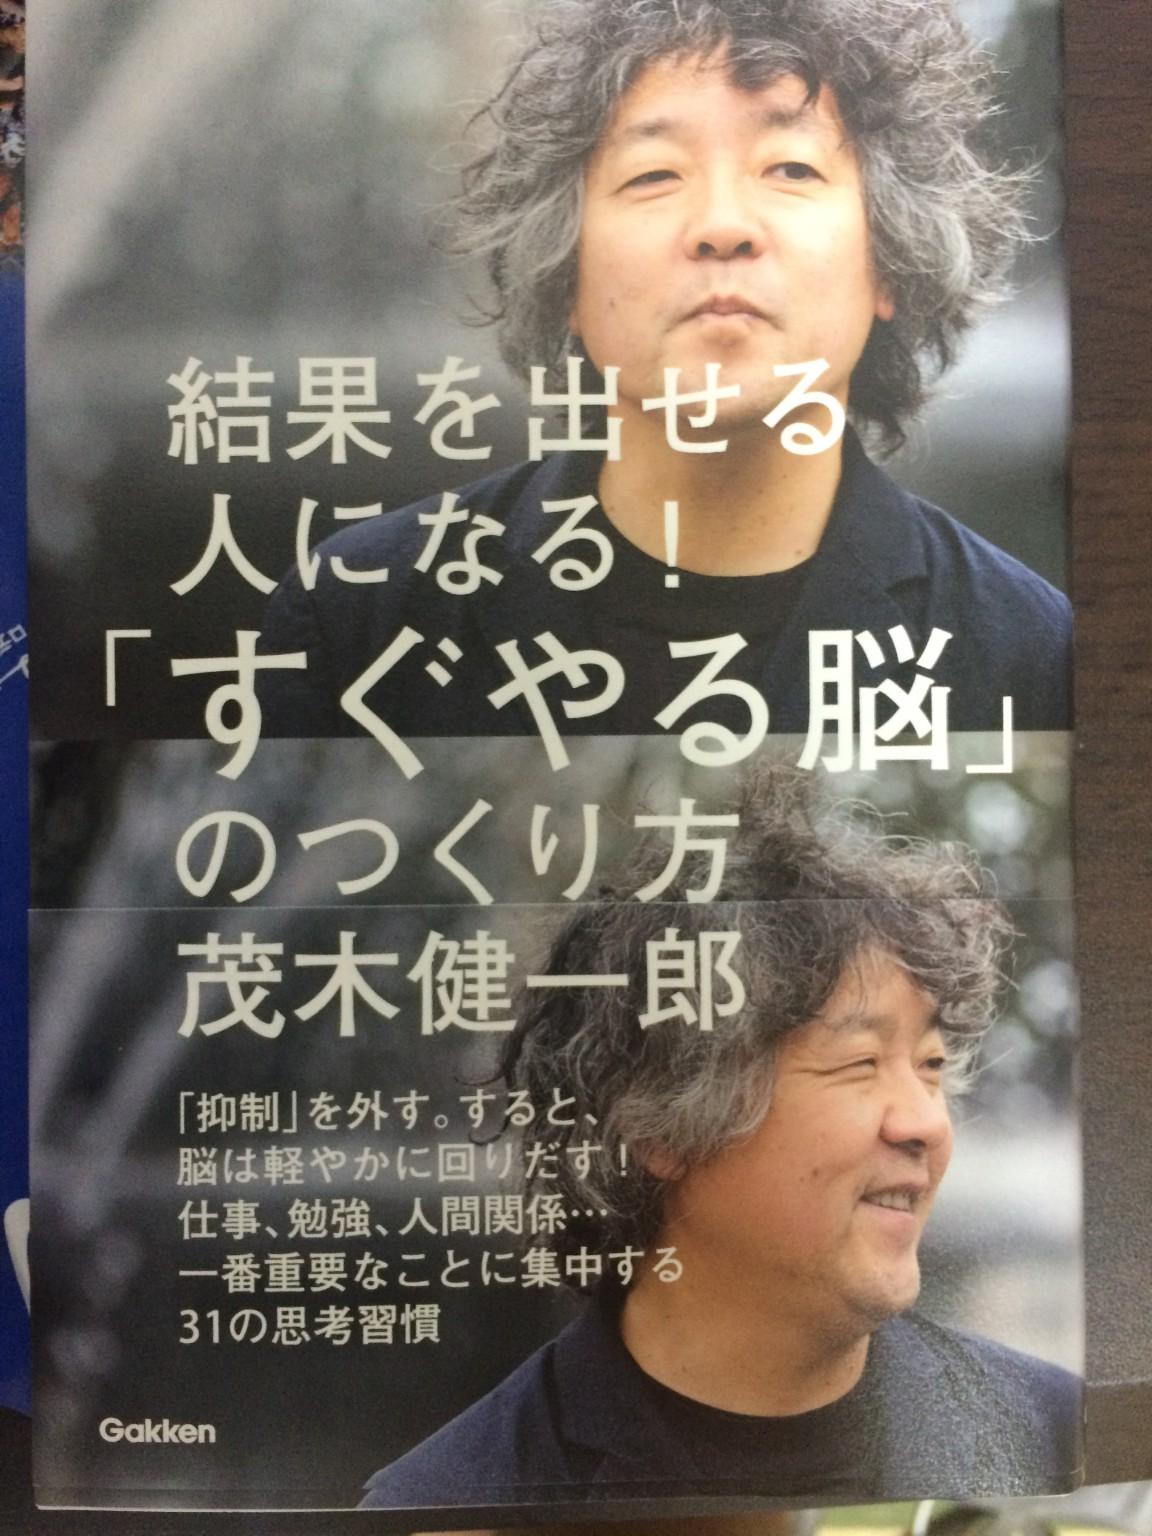 茂木健一郎さんの「すぐやる脳のつくり方(^_^)